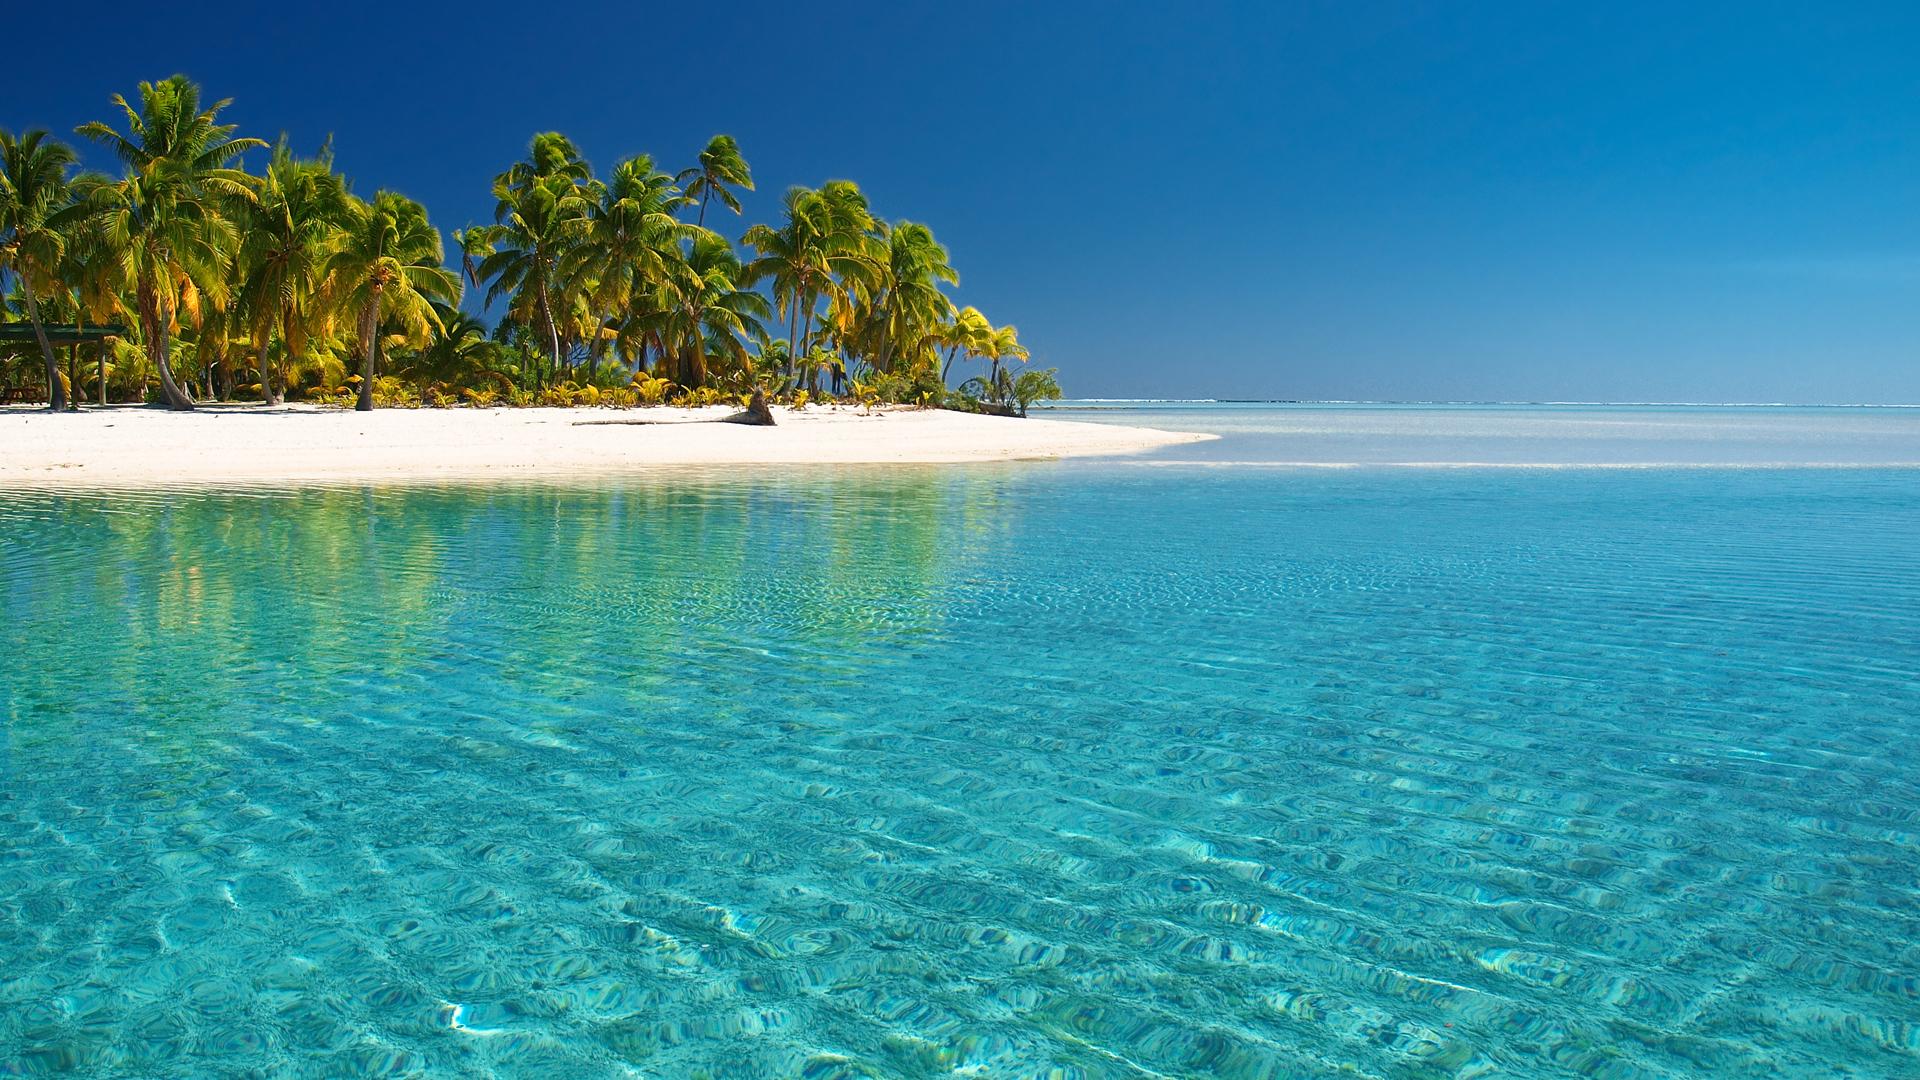 19959 скачать обои Пейзаж, Море, Пляж, Пальмы - заставки и картинки бесплатно